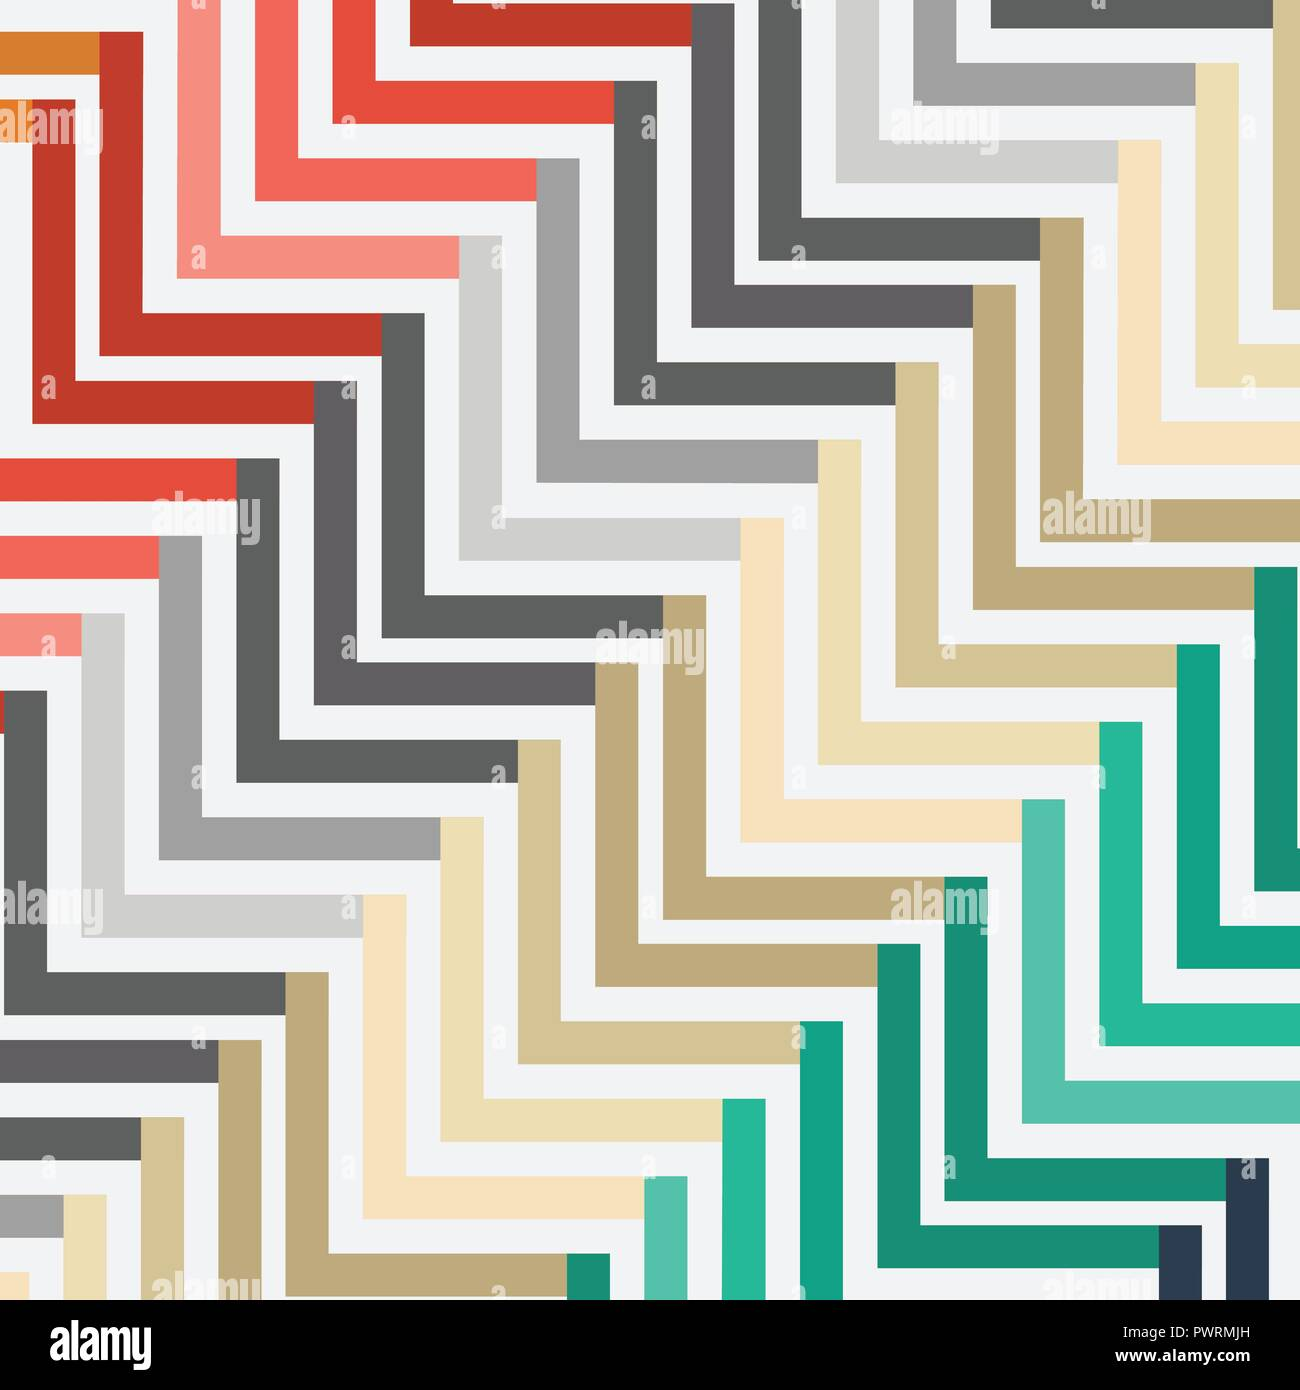 Weaving Vectors Immagini   Weaving Vectors Fotos Stock - Alamy bdf860b61ff